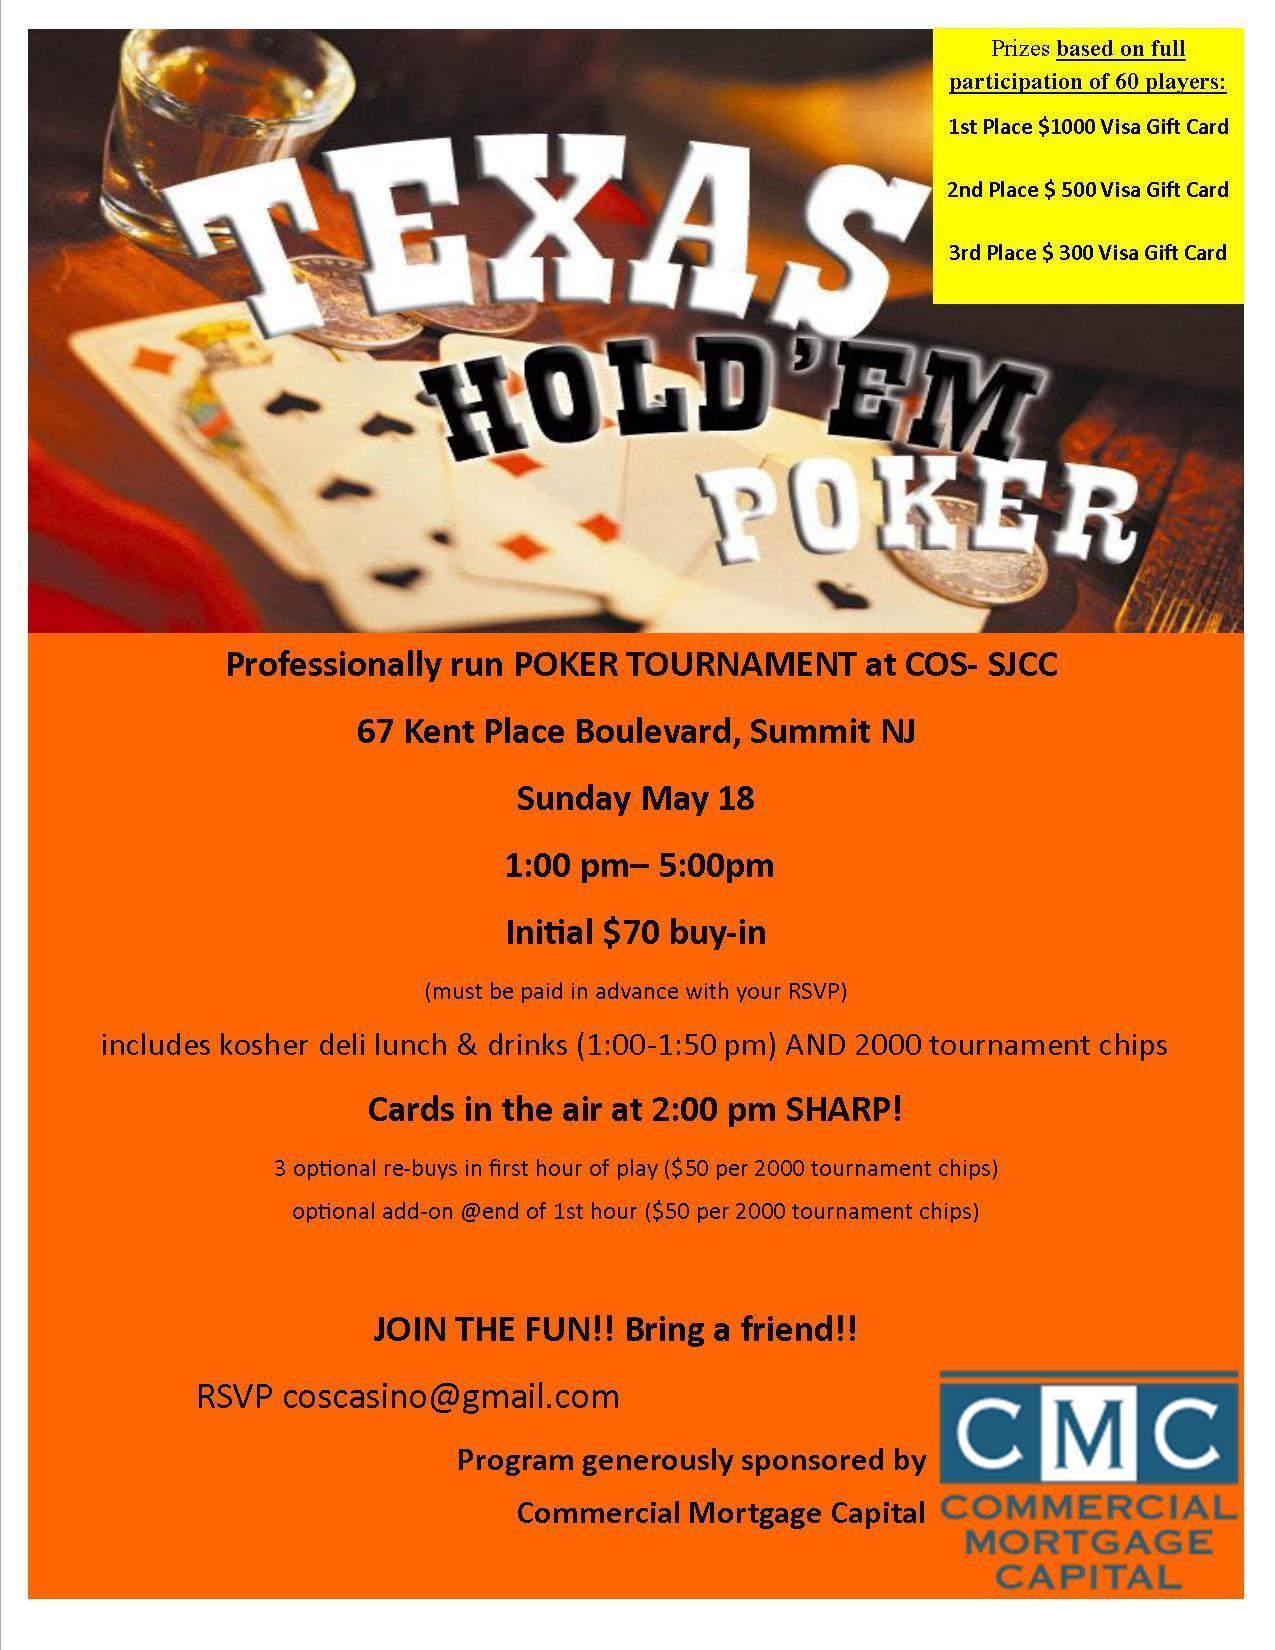 495192a5591d6cbea1b7_poker_flyer.jpg